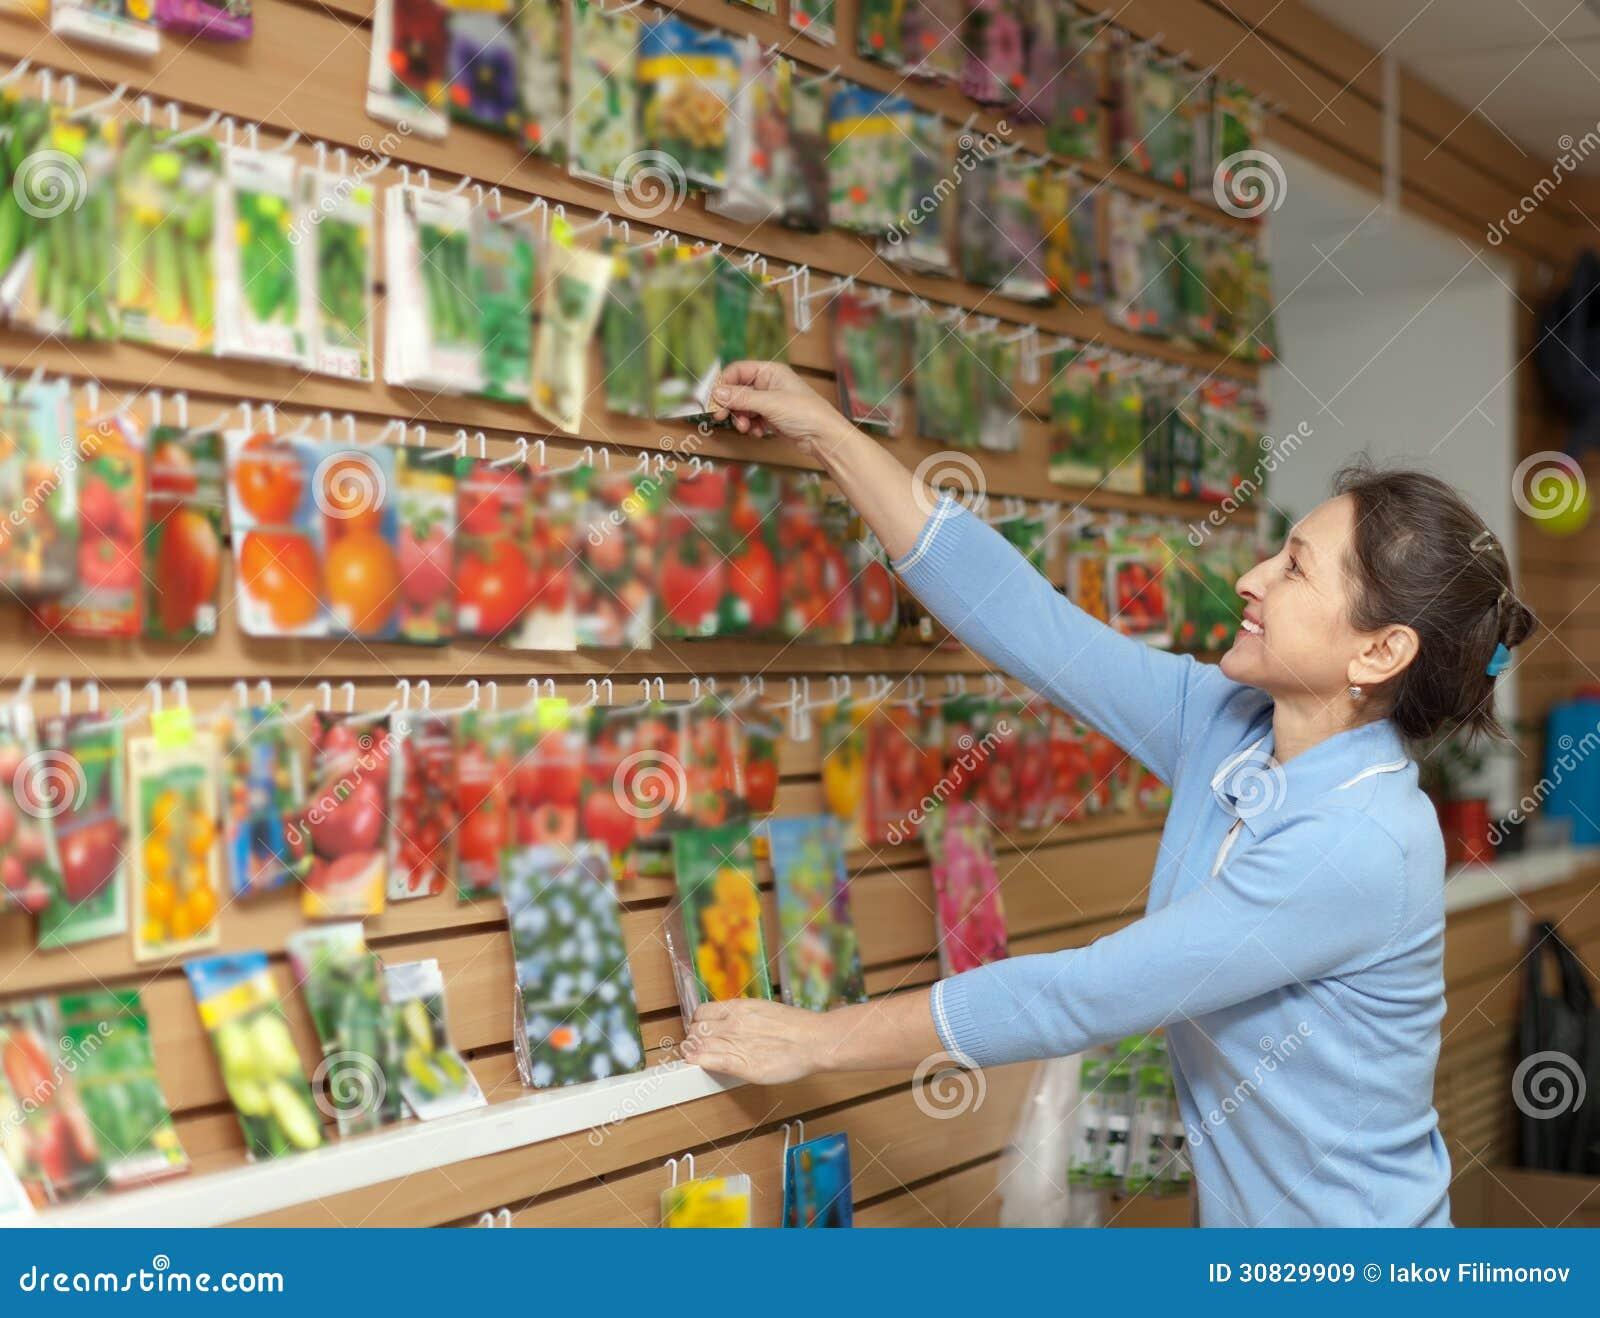 La donna sceglie i semi